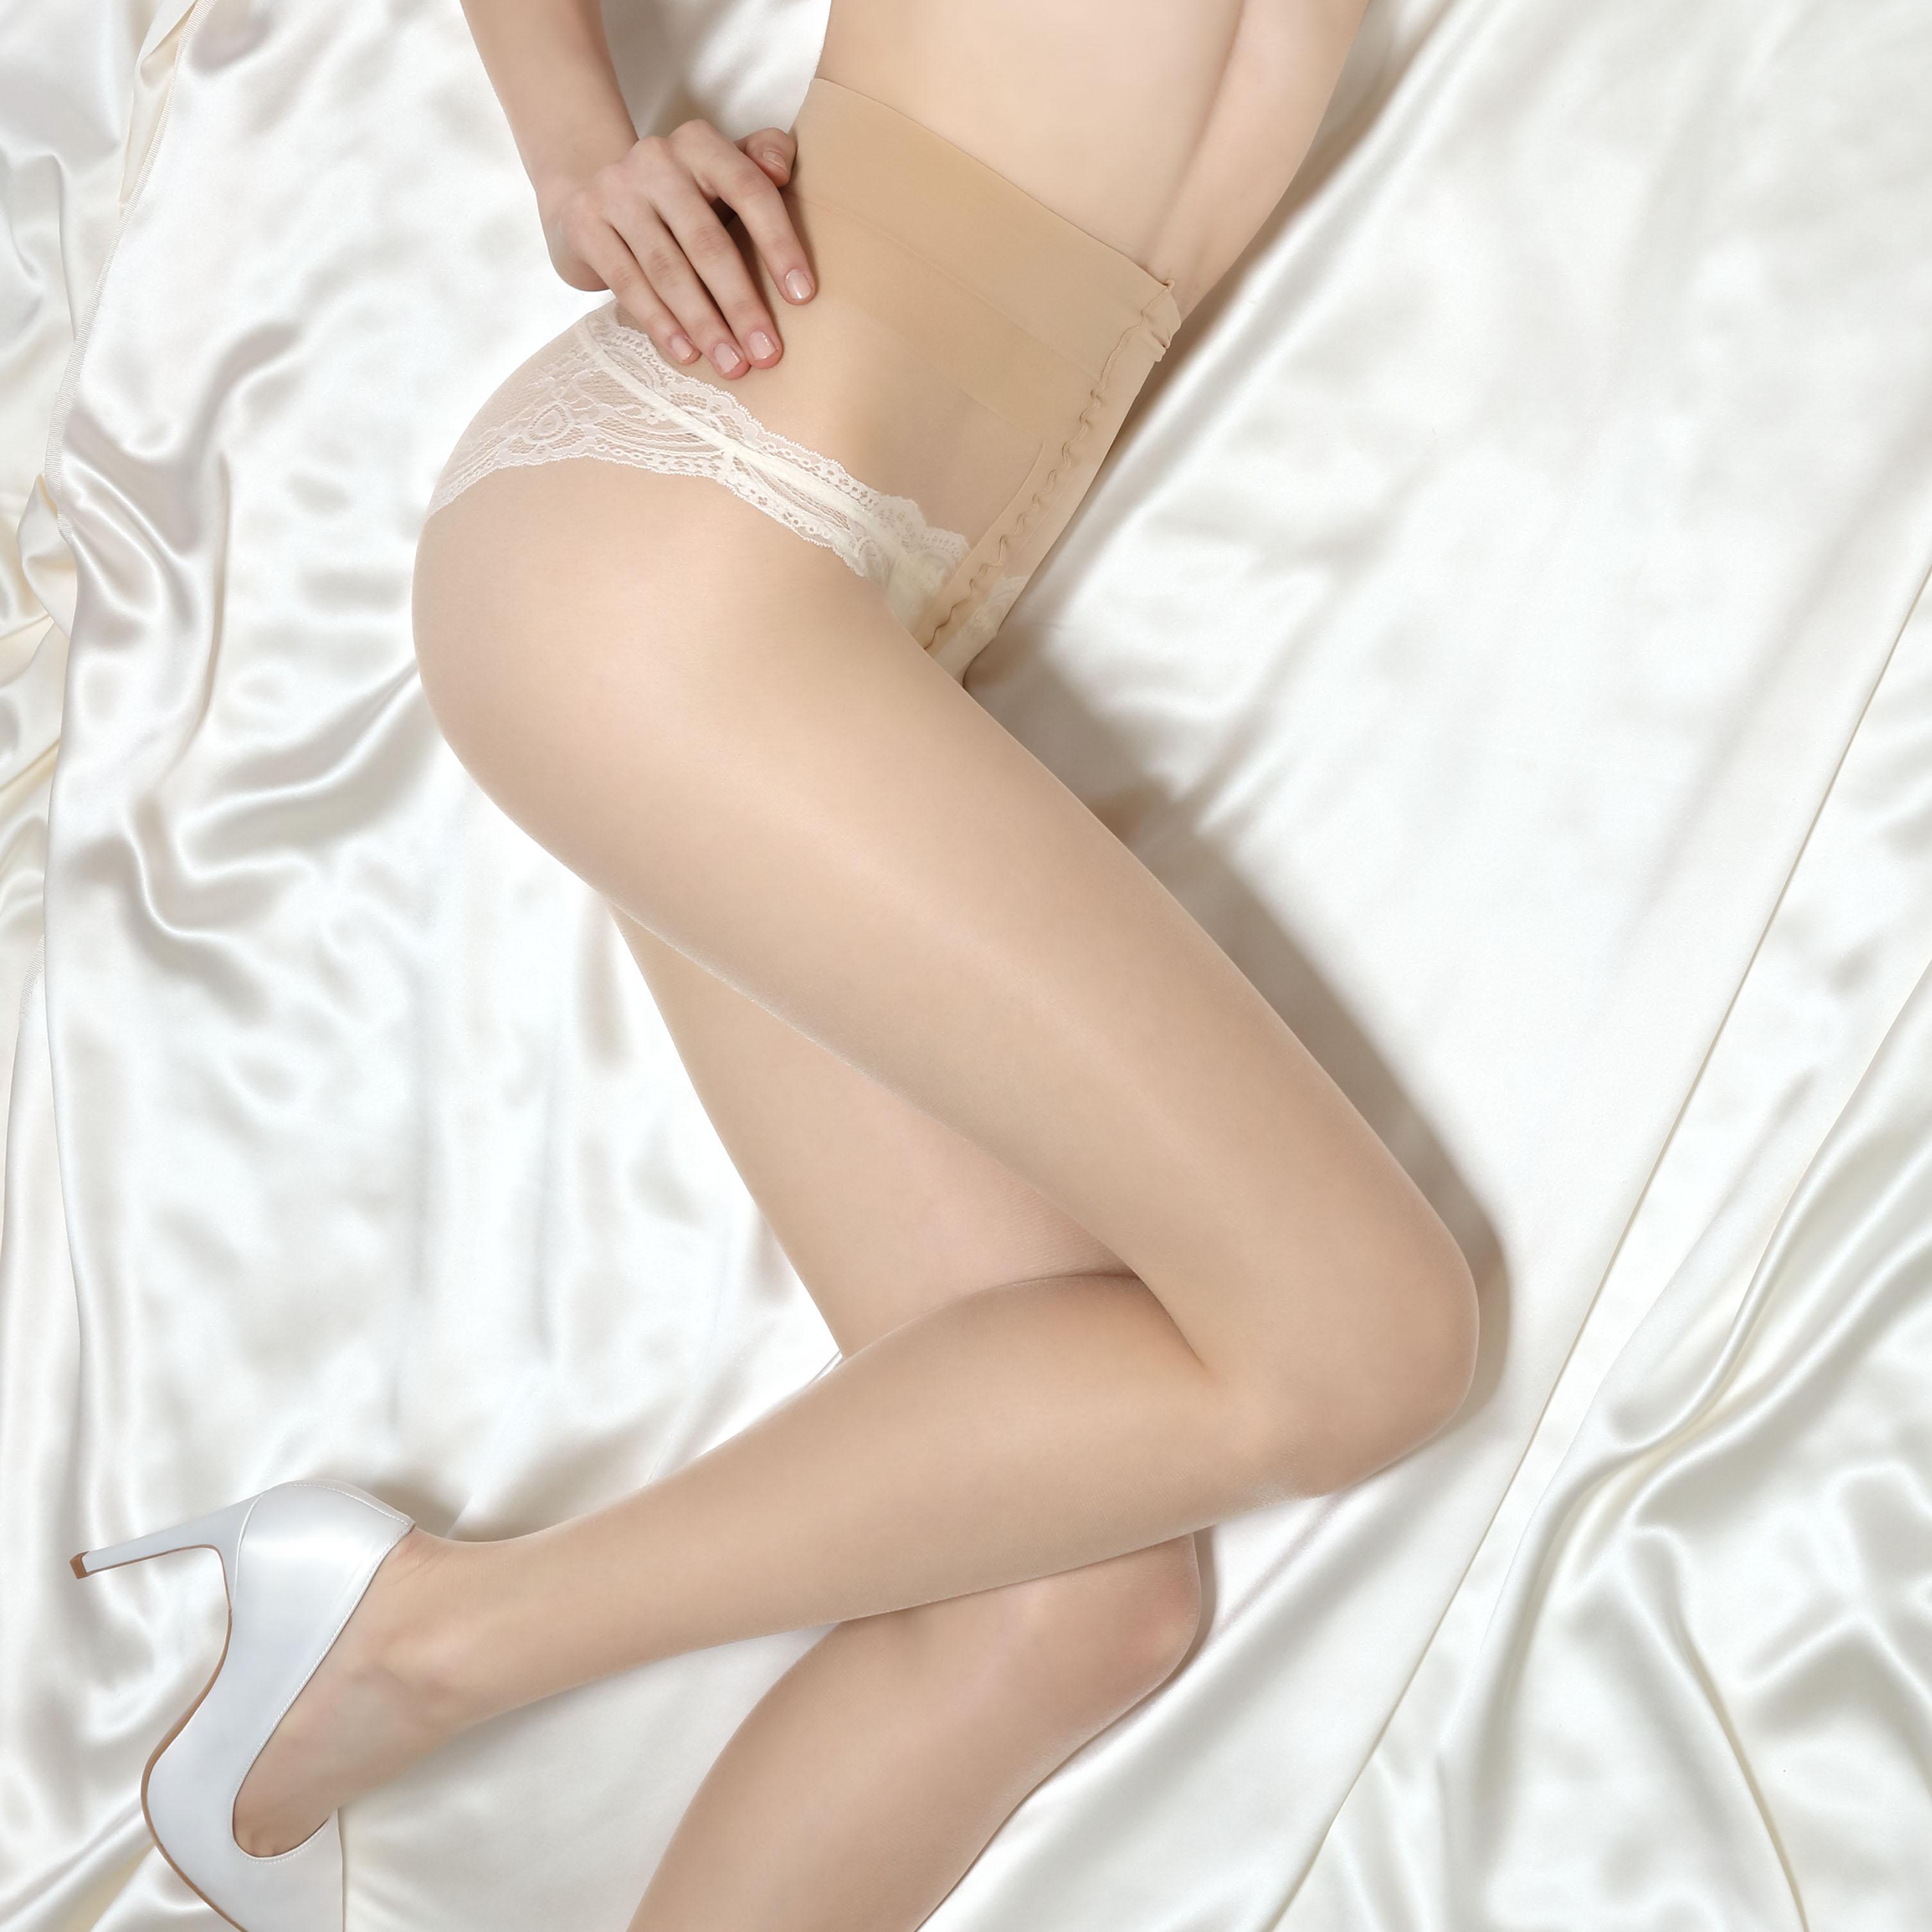 Женские носки / Капроновые колготки Артикул 545914527210